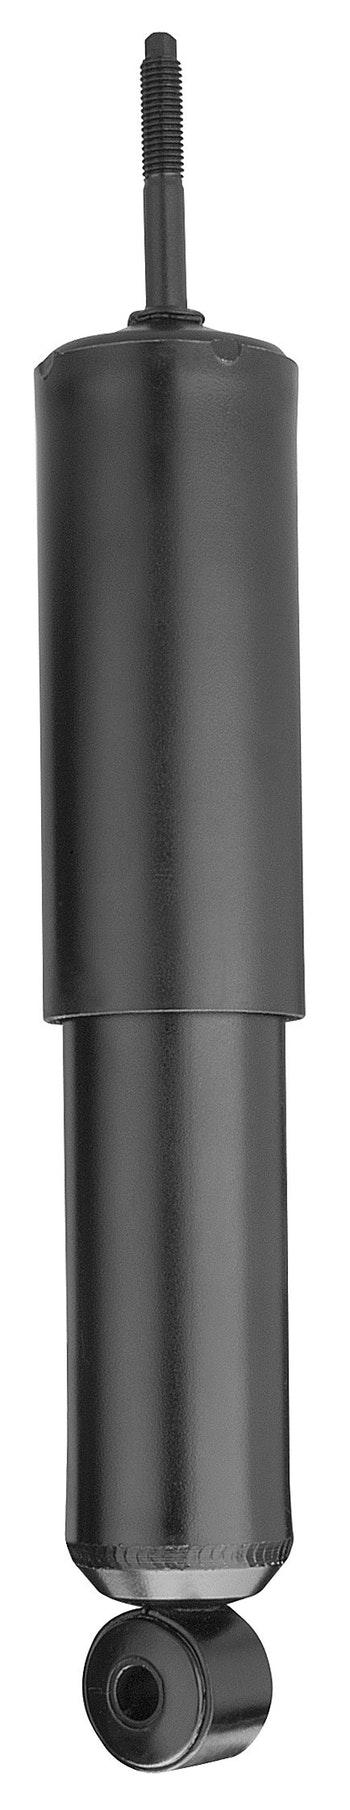 Amortecedor Dianteiro Pressurizado HG - Nakata - HG 36054 - Unitário